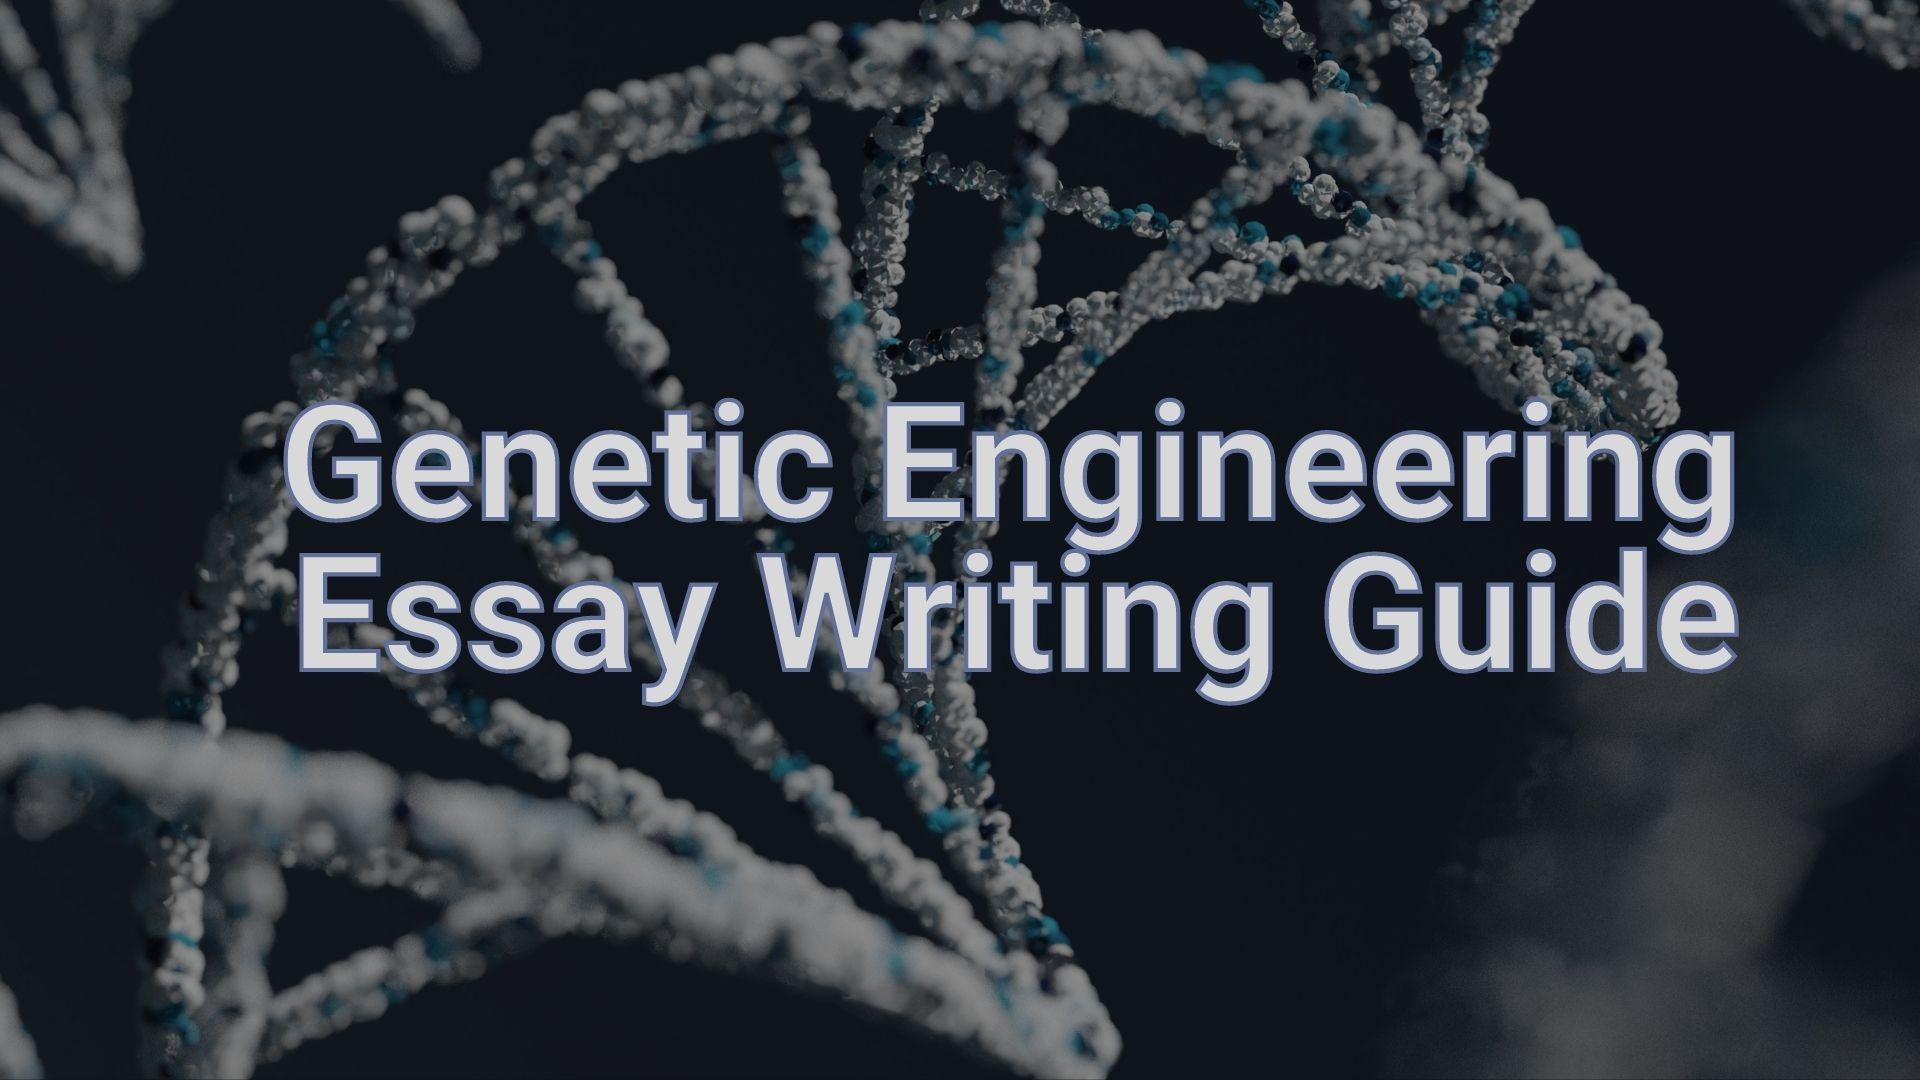 Genetic Engineering Essay: Expert Writing Guide